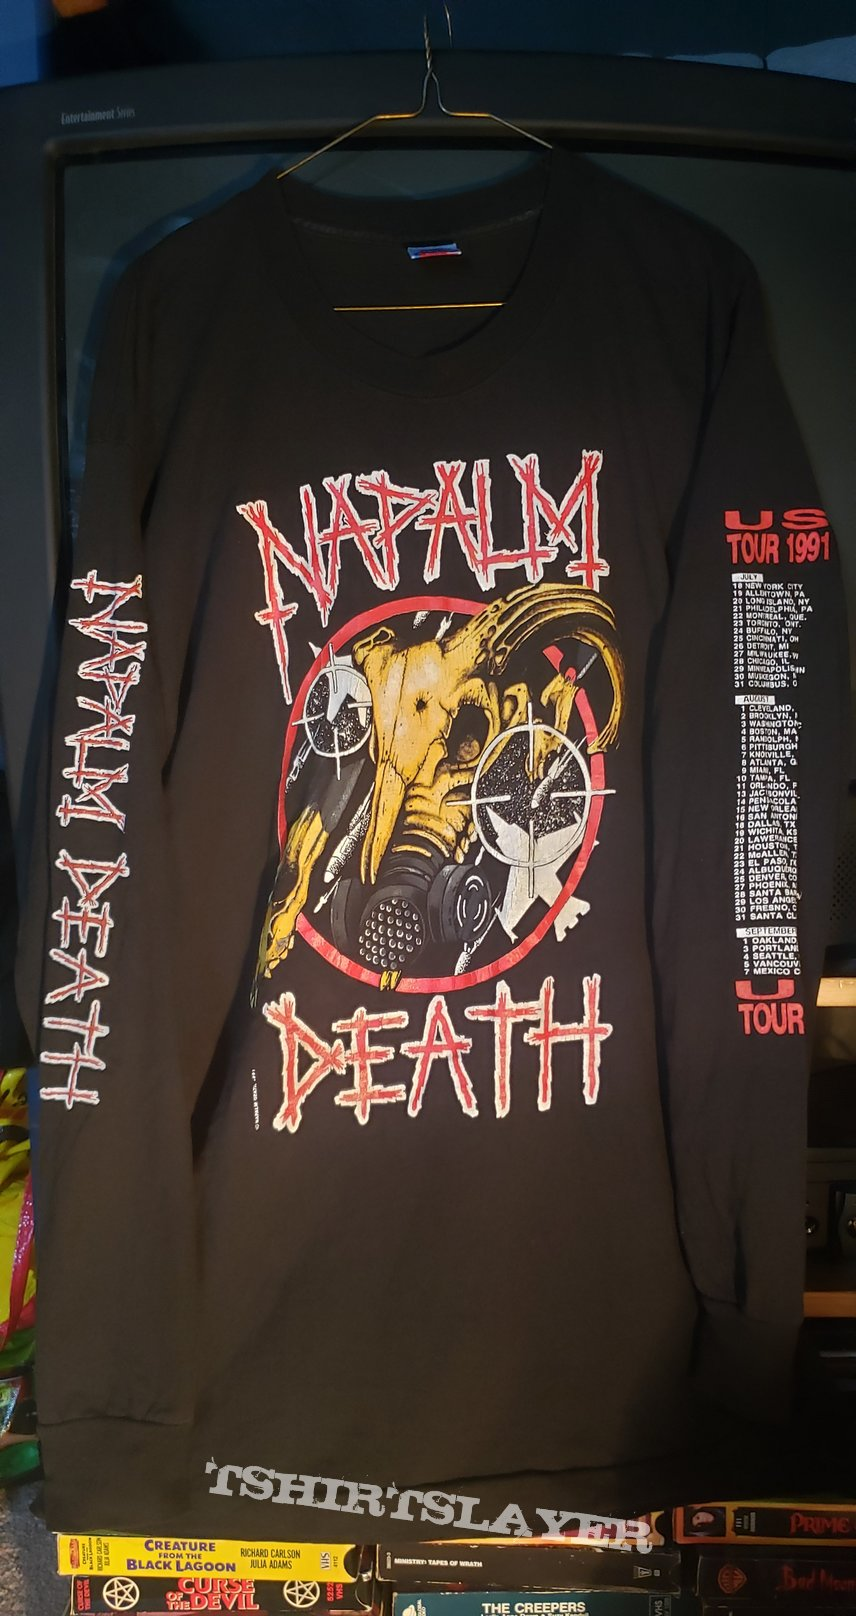 Napalm Death - 1991 Tour